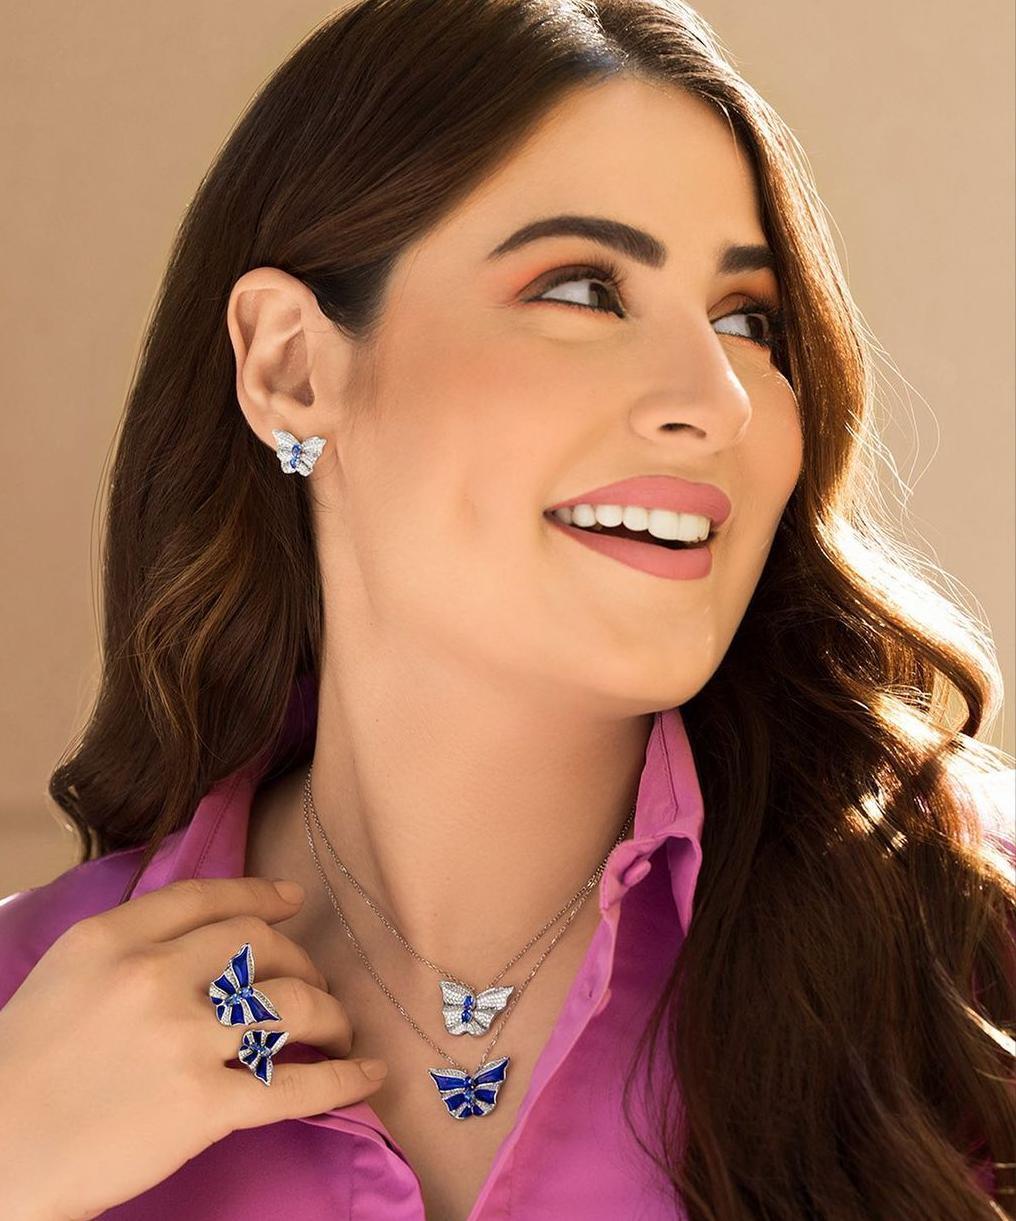 مجوهرات الفراشات الزرقاء من سمرة دبي Samra dubai